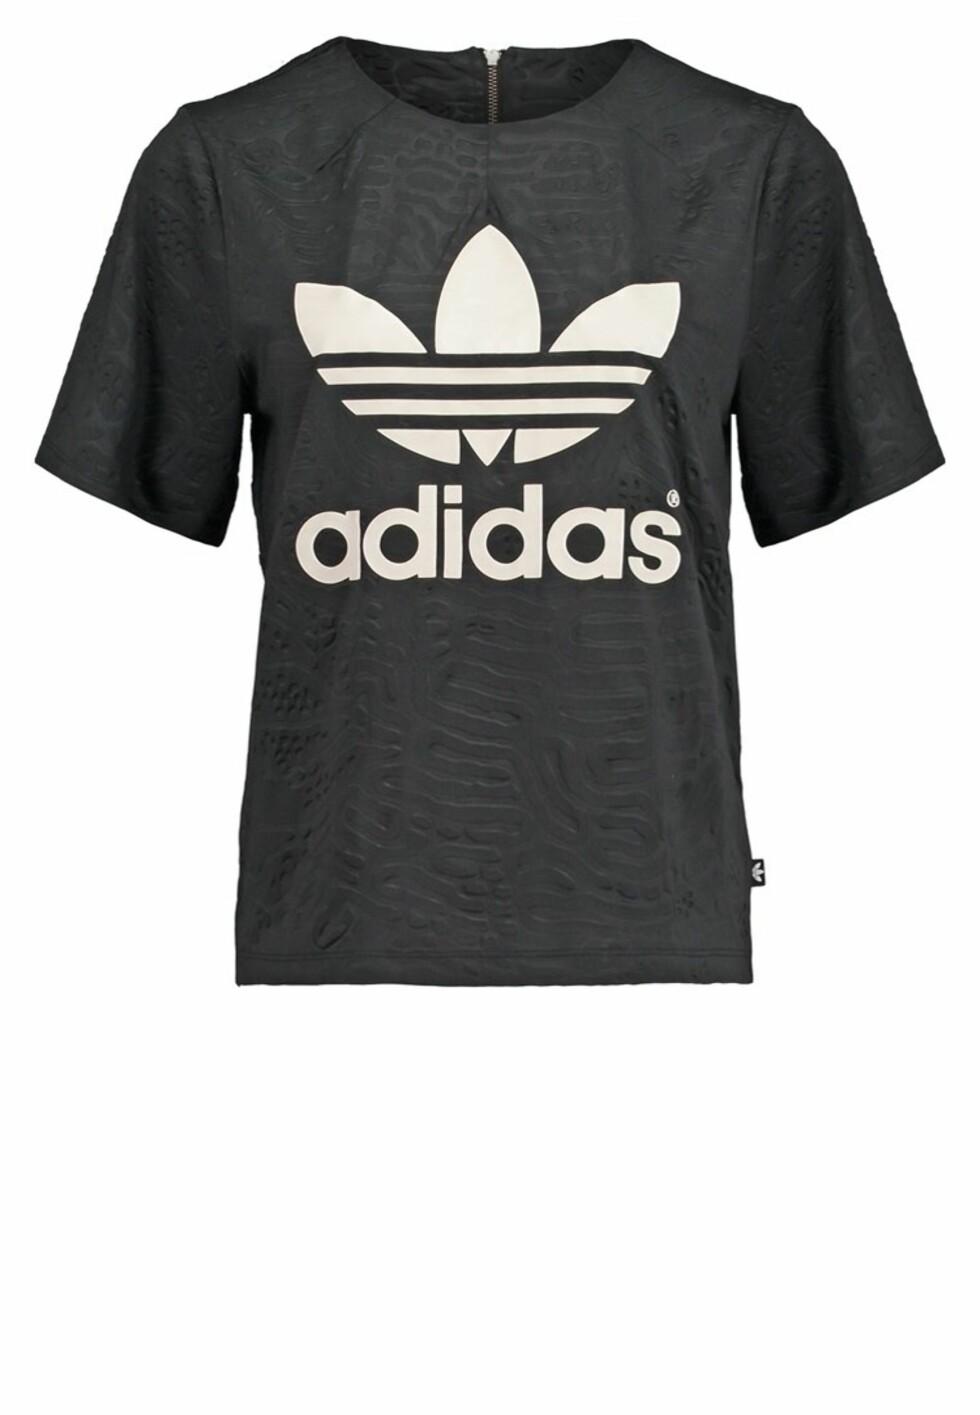 T-skjorte fra Adidas via Zalando.no, kr 399. Foto: Zalando.no